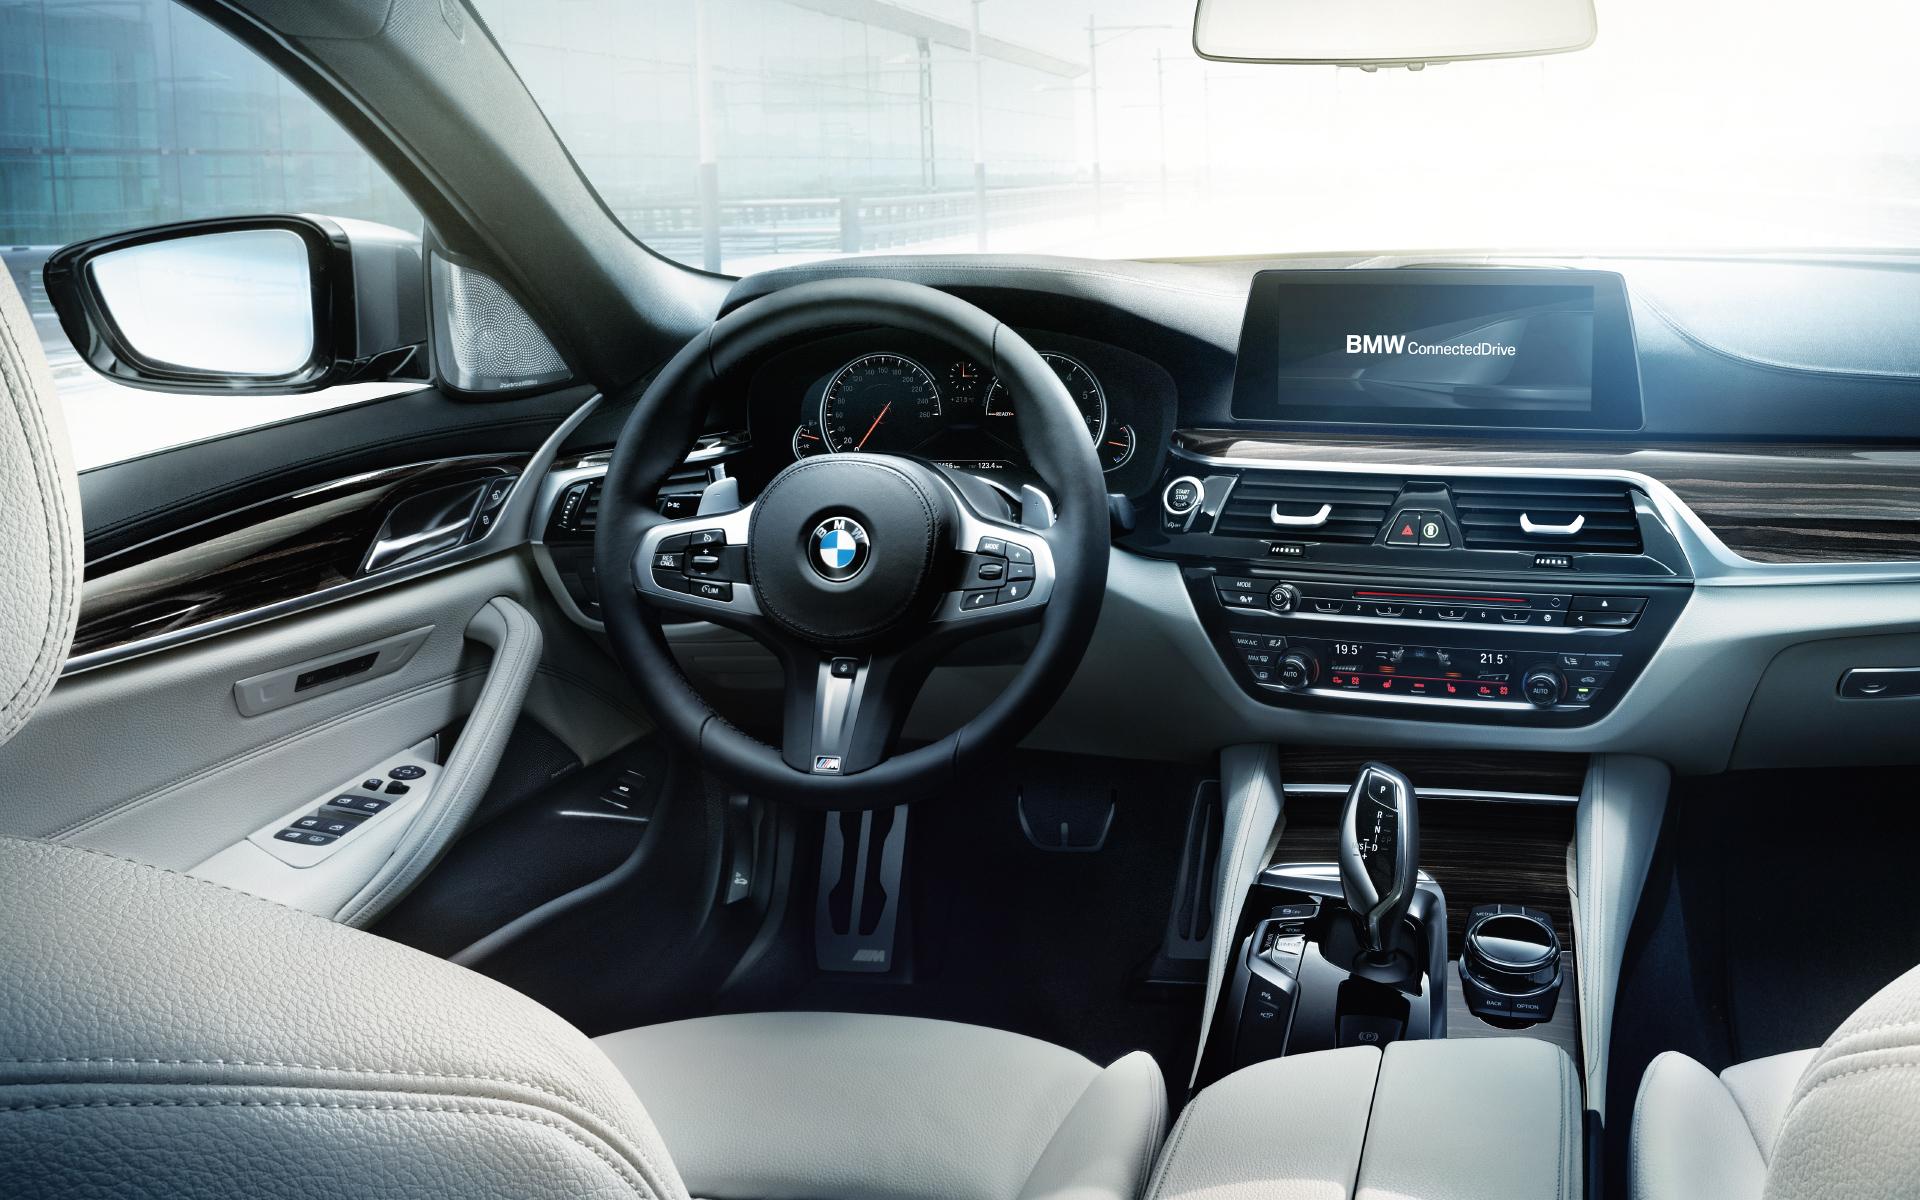 Wallpaper: BMW 5er Limousine (G30) und BMW 5er Touring (G31)